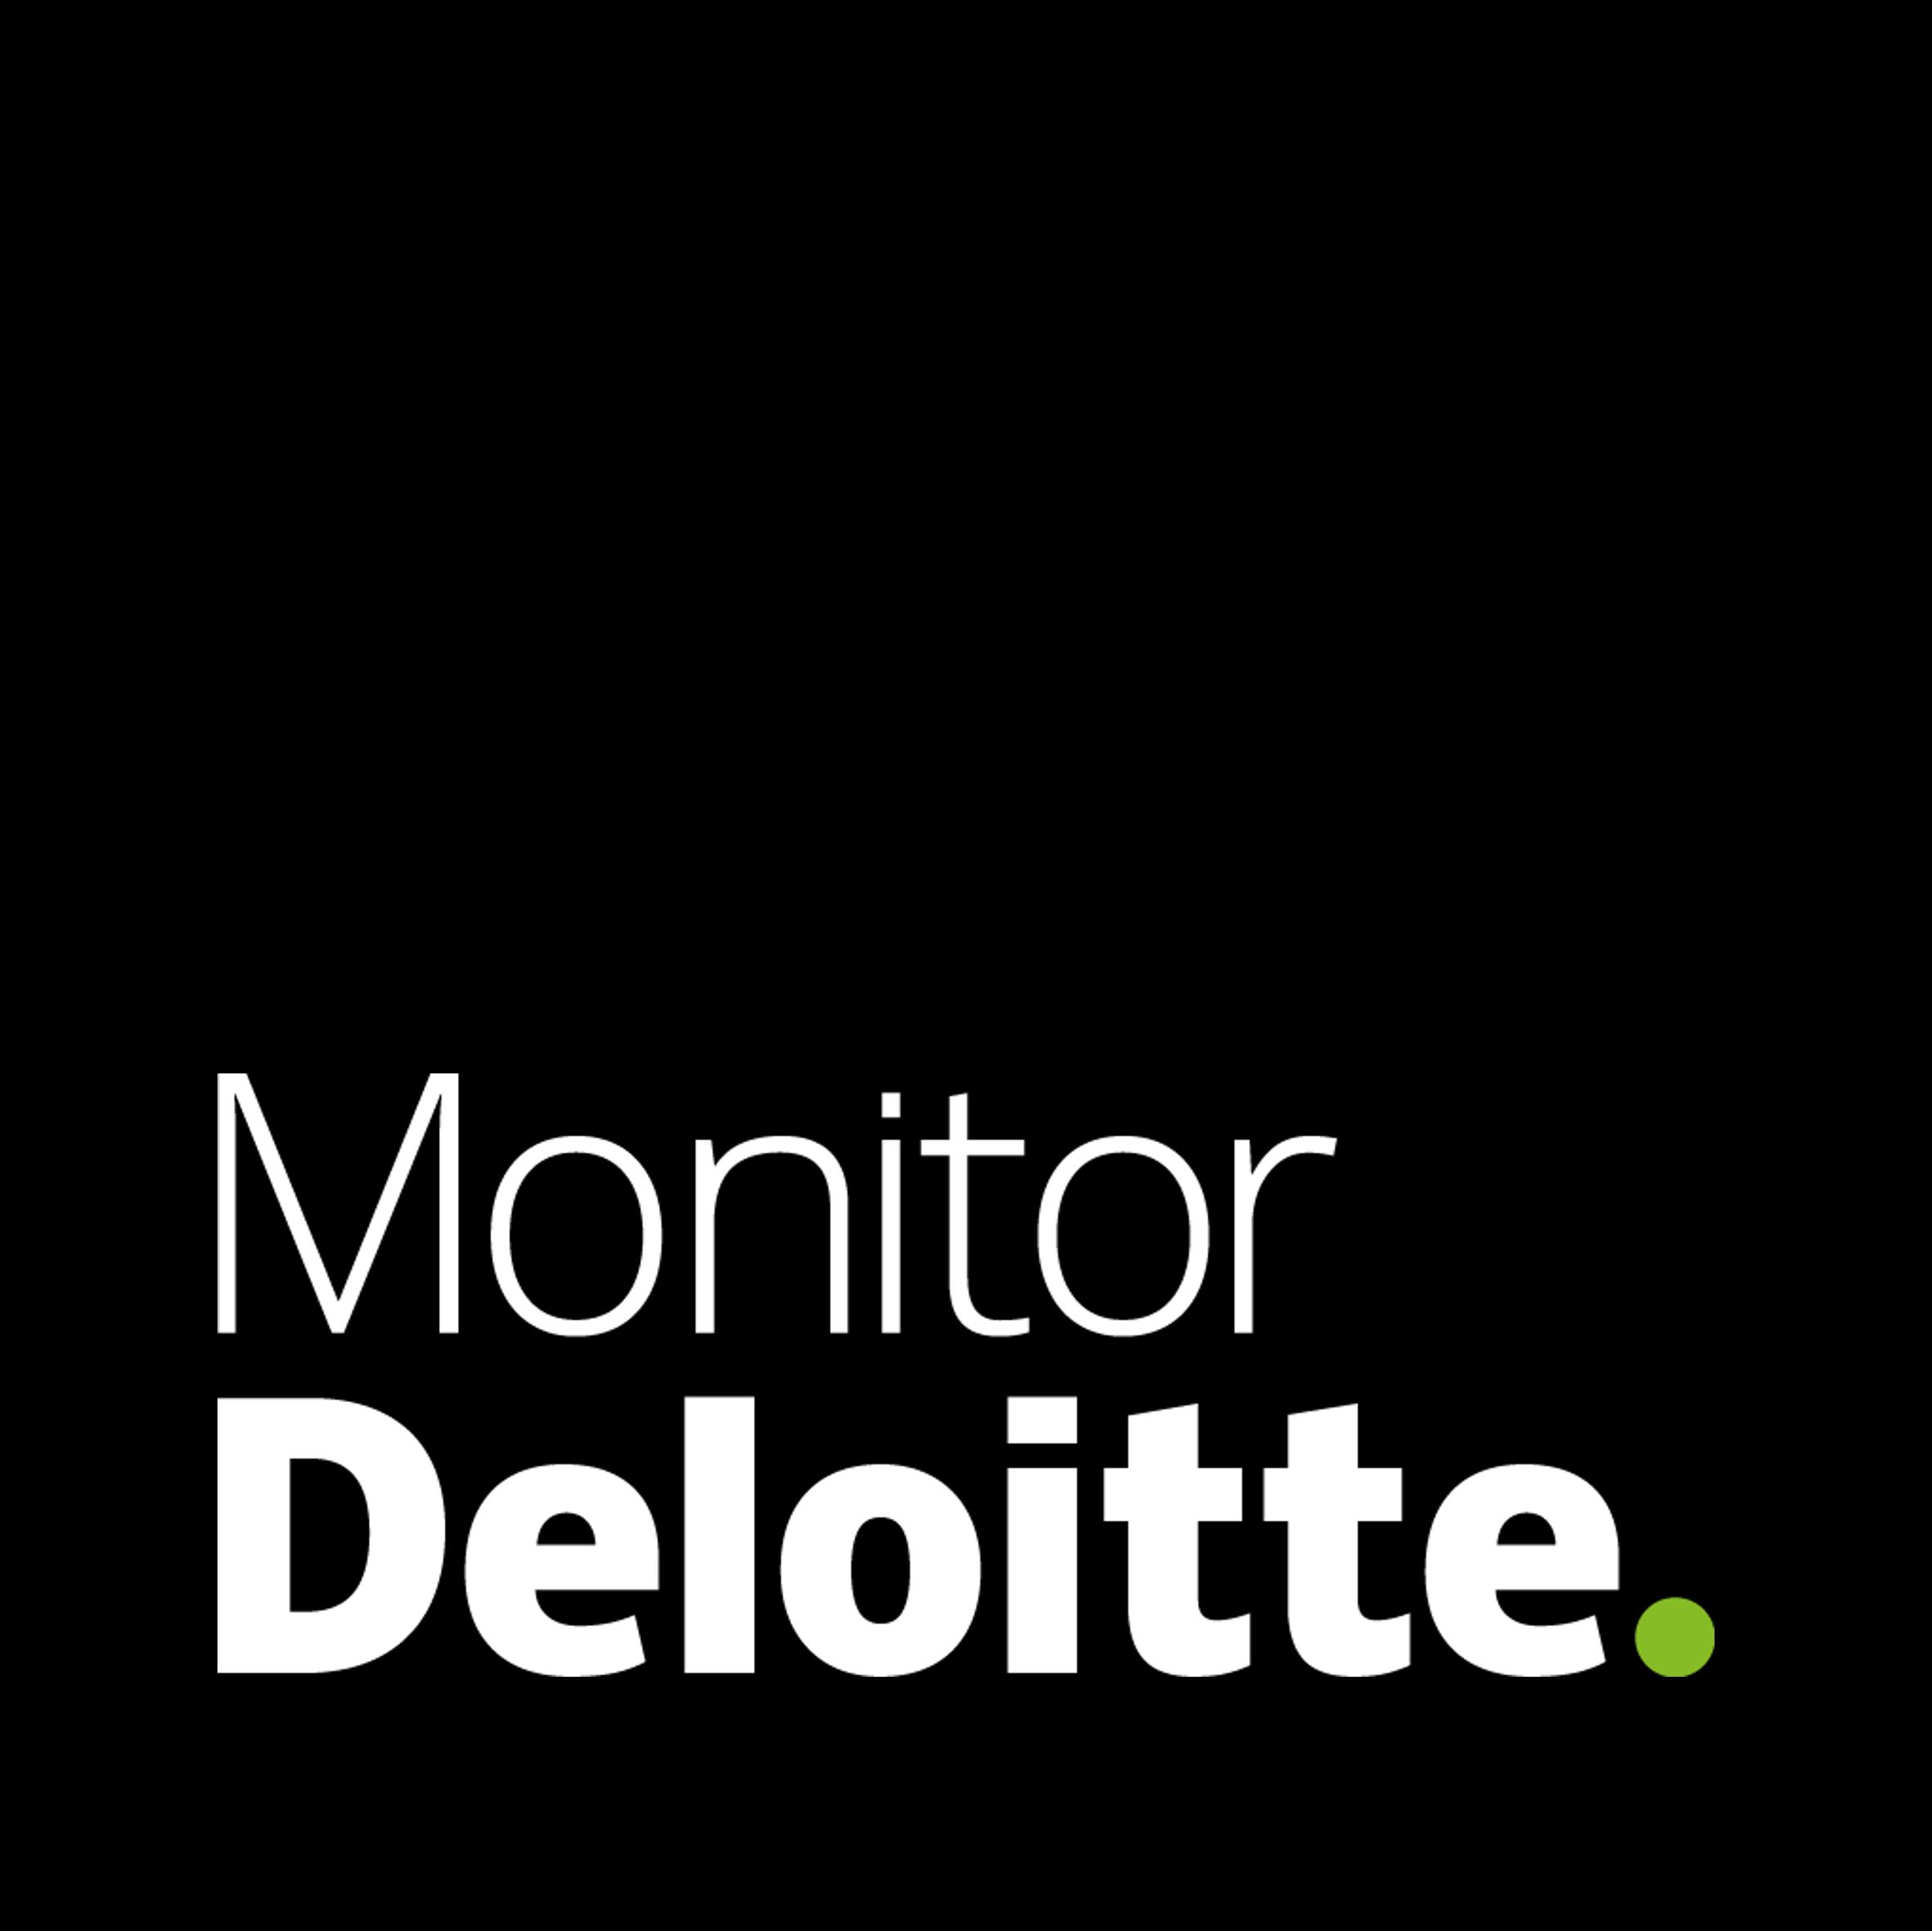 Monitor Deloitte - Wikipedia